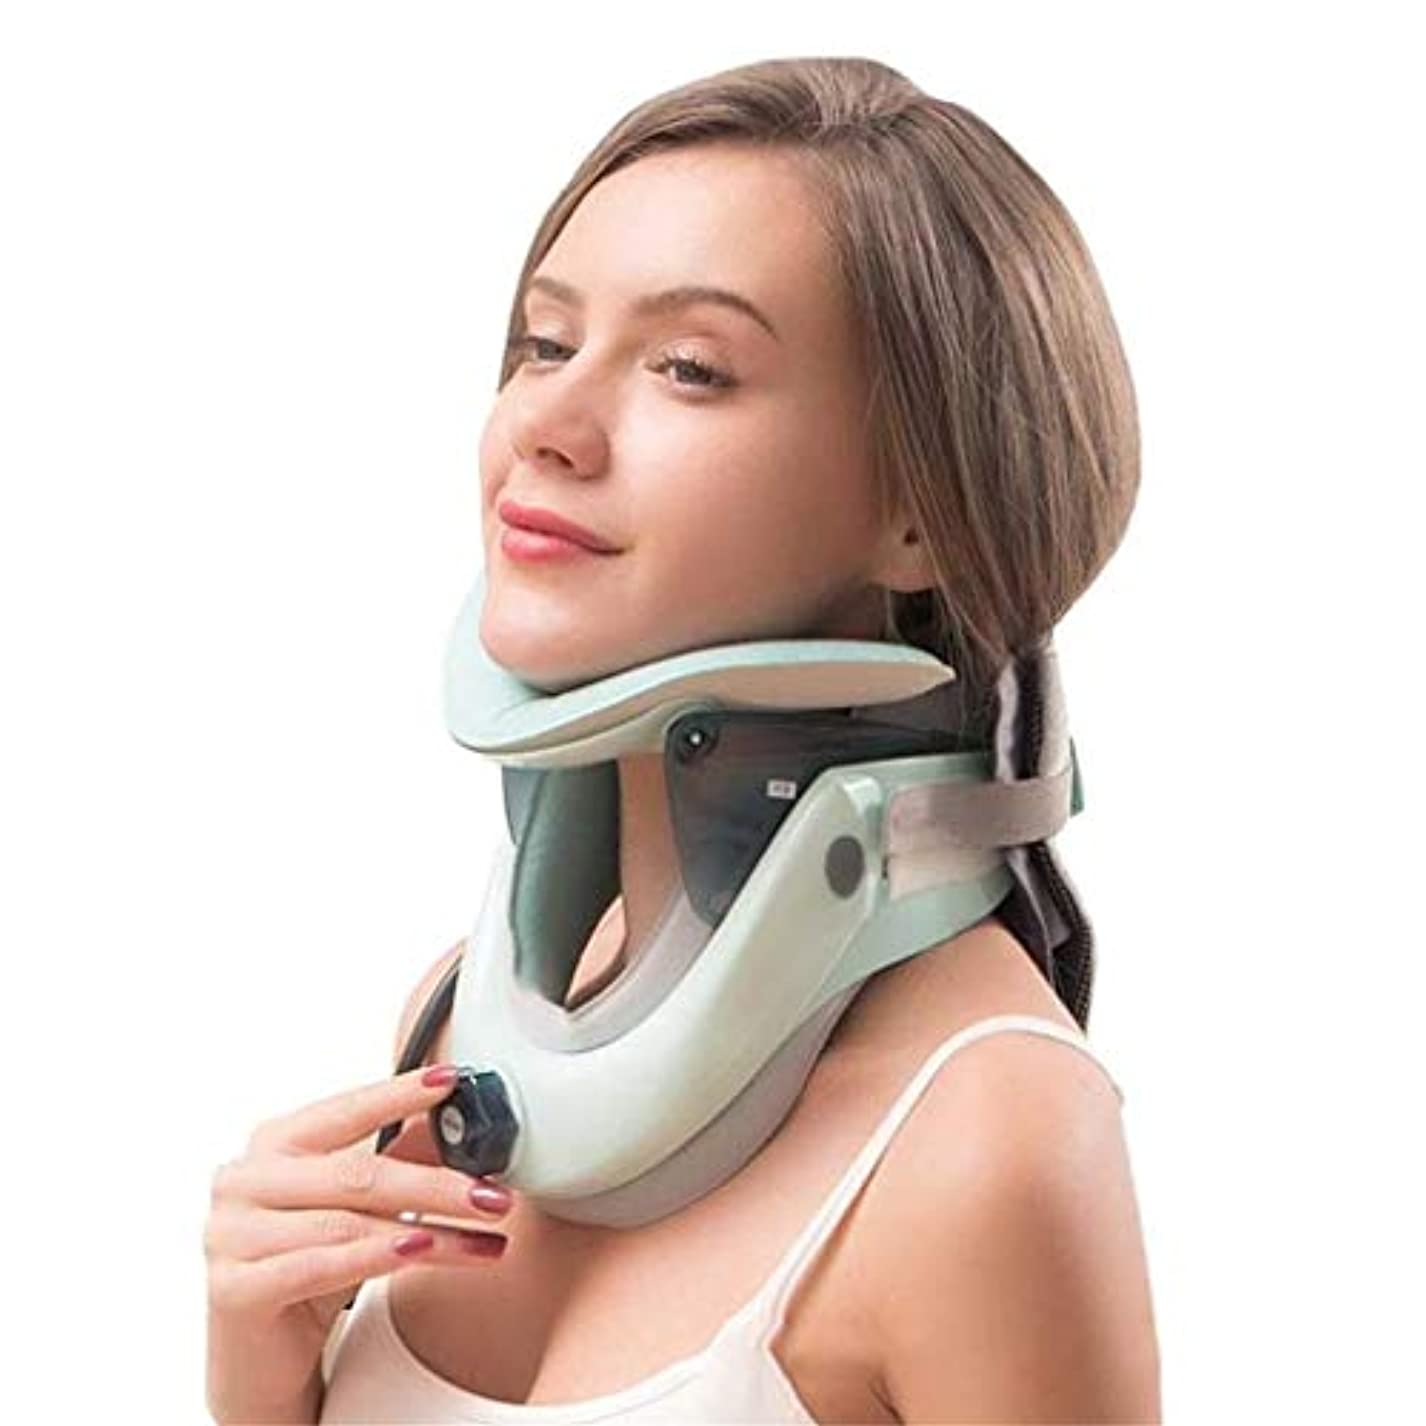 軽減する懐疑論展開する頸部牽引ツール、医療用頸部牽引装置、家庭用インフレータブルネックサポート頸部サポート、ストレッチヘッド補正サポート、首と肩のマッサージャーのサポート痛みの軽減